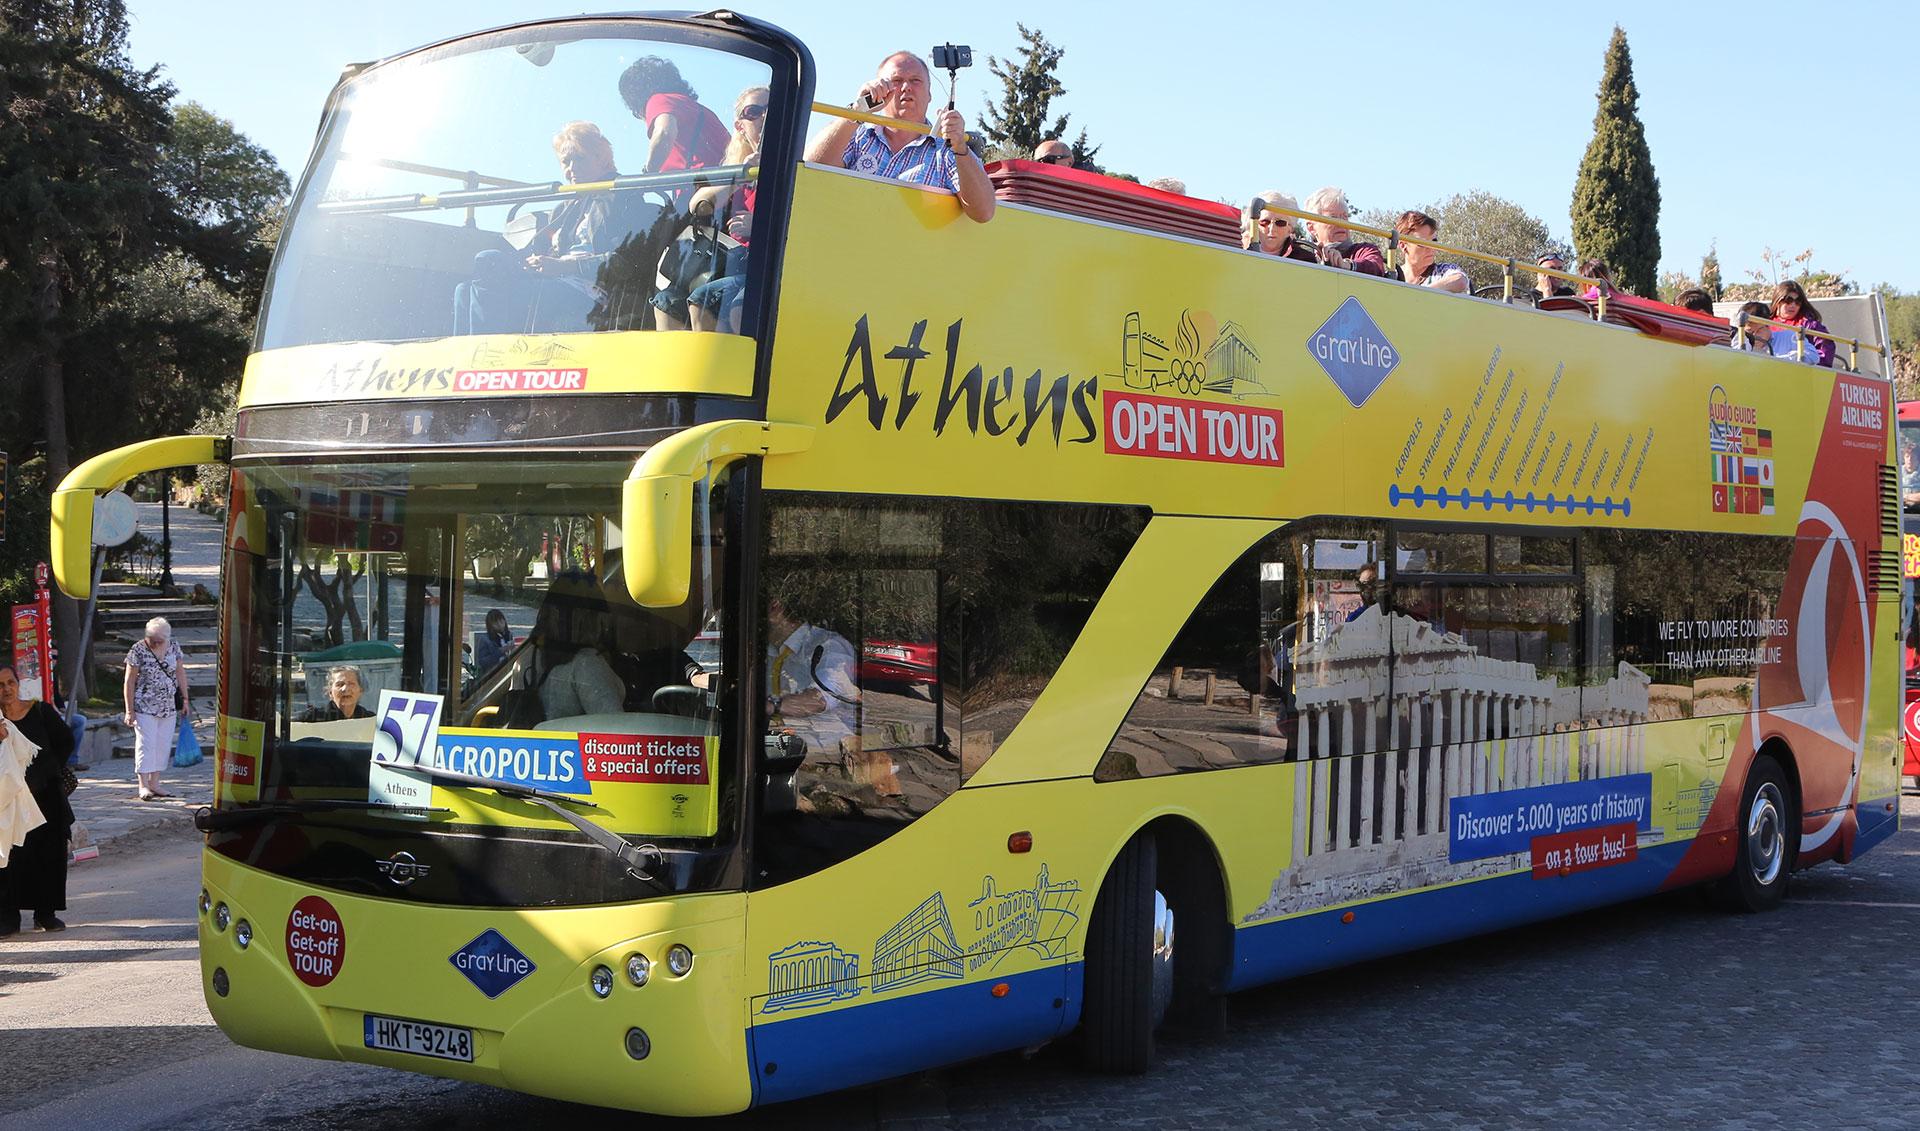 athens open tour